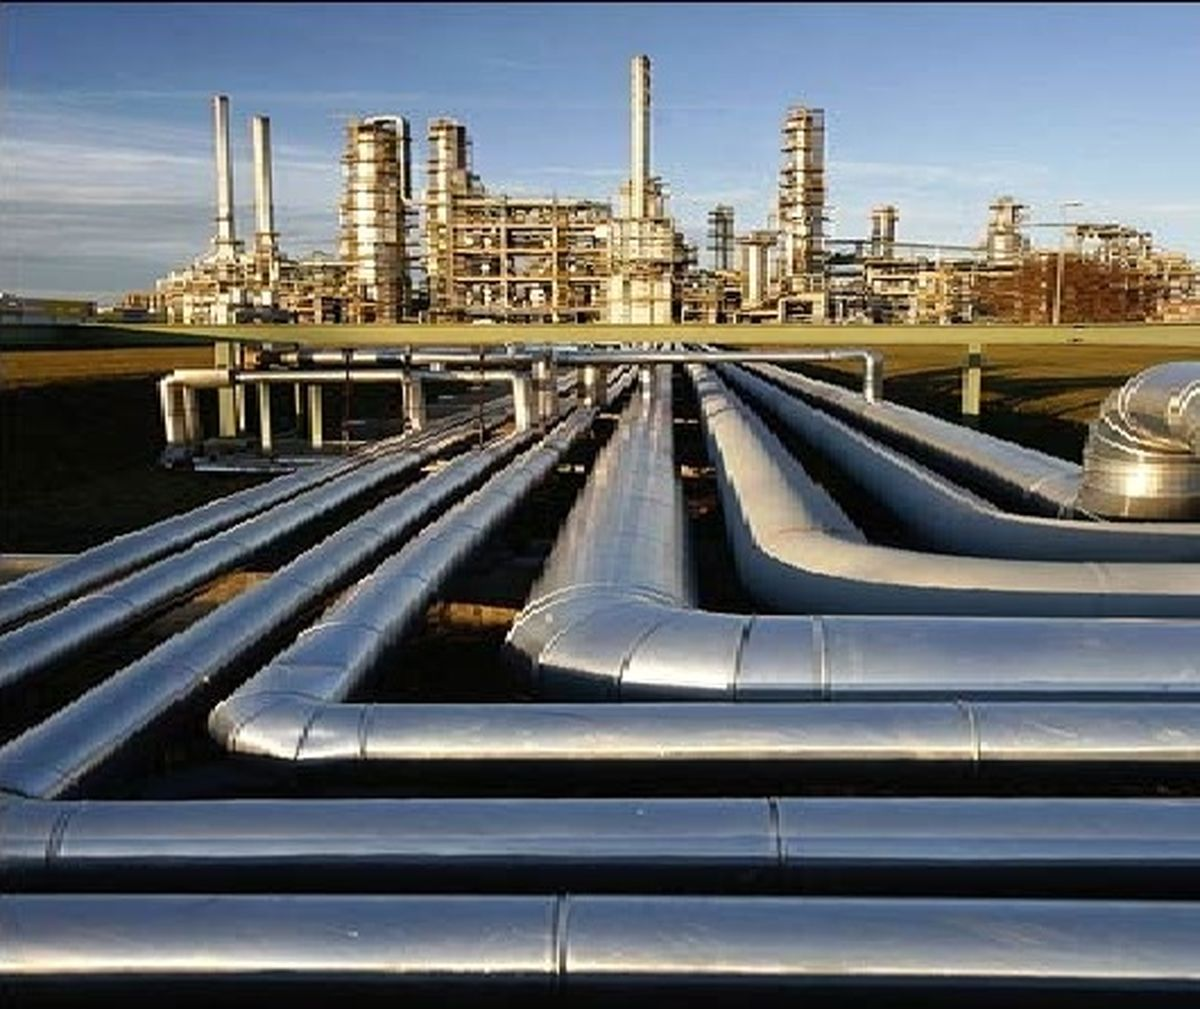 روزانه 47میلیون متر مکعب گاز ایران صادر میشود/ صادرات گاز تحت هیچ تحریمی نیست